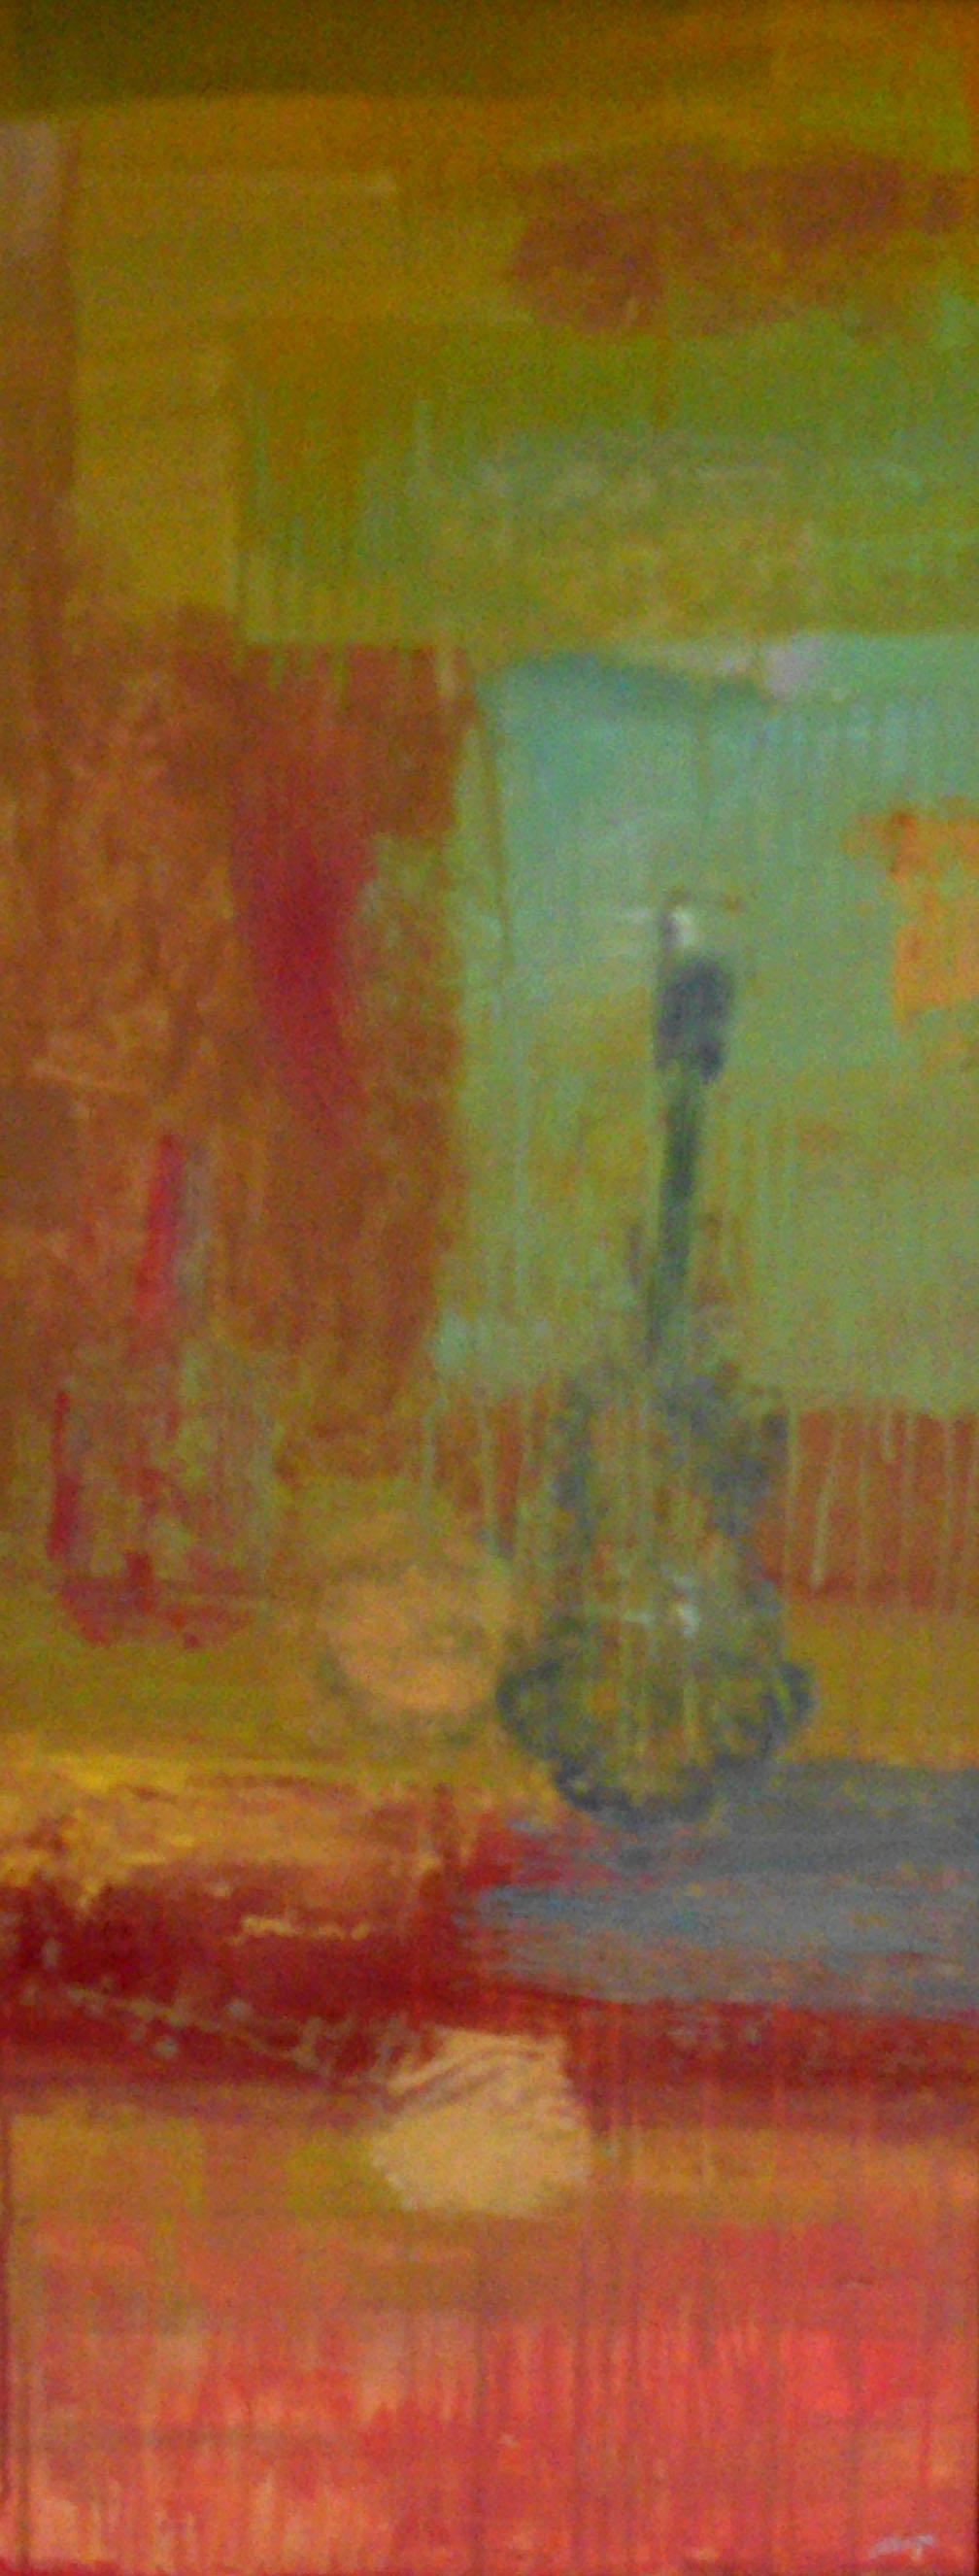 21-angelika_telenga-gitarre_i-2012-oel_auf_leinwand-100x40